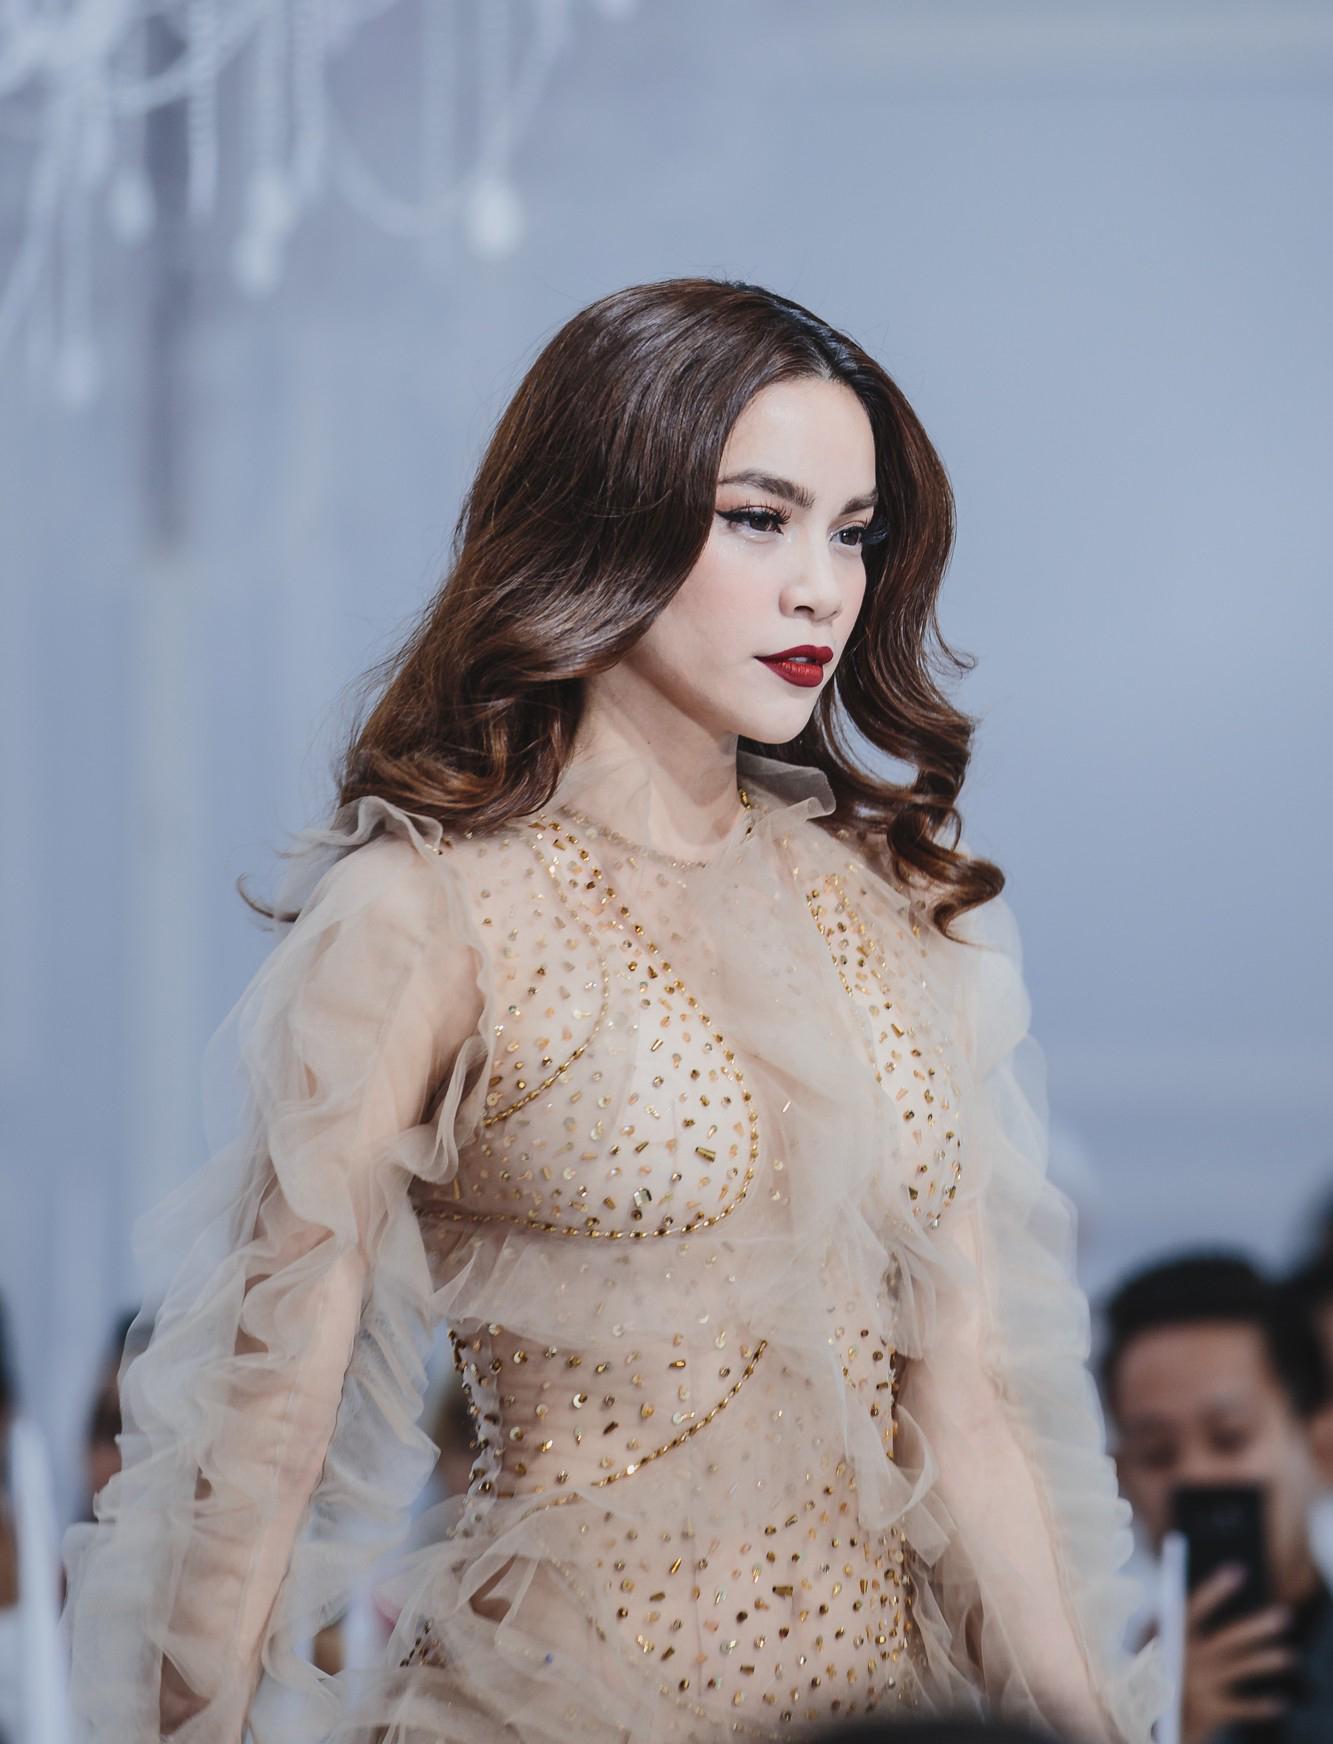 Diện váy xuyên thấu lộ nội y 'quá bạo', Hồ Ngọc Hà bị chê phản cảm trong show của Lý Quí Khánh - Ảnh 2